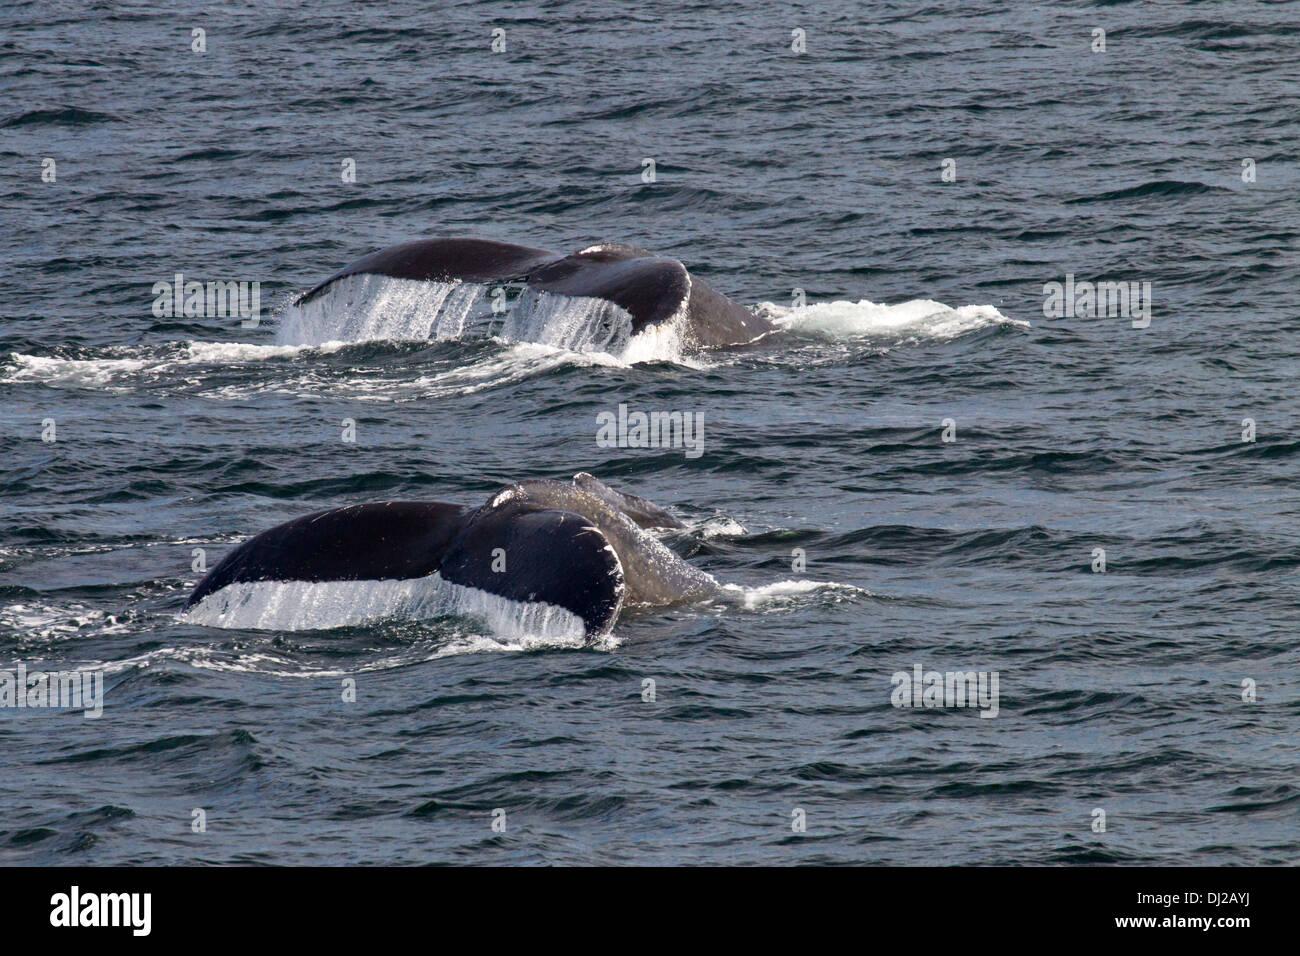 Par de ballenas jorobadas (Megaptera novaeangliae) Submarinismo simultanoeusly Foto de stock